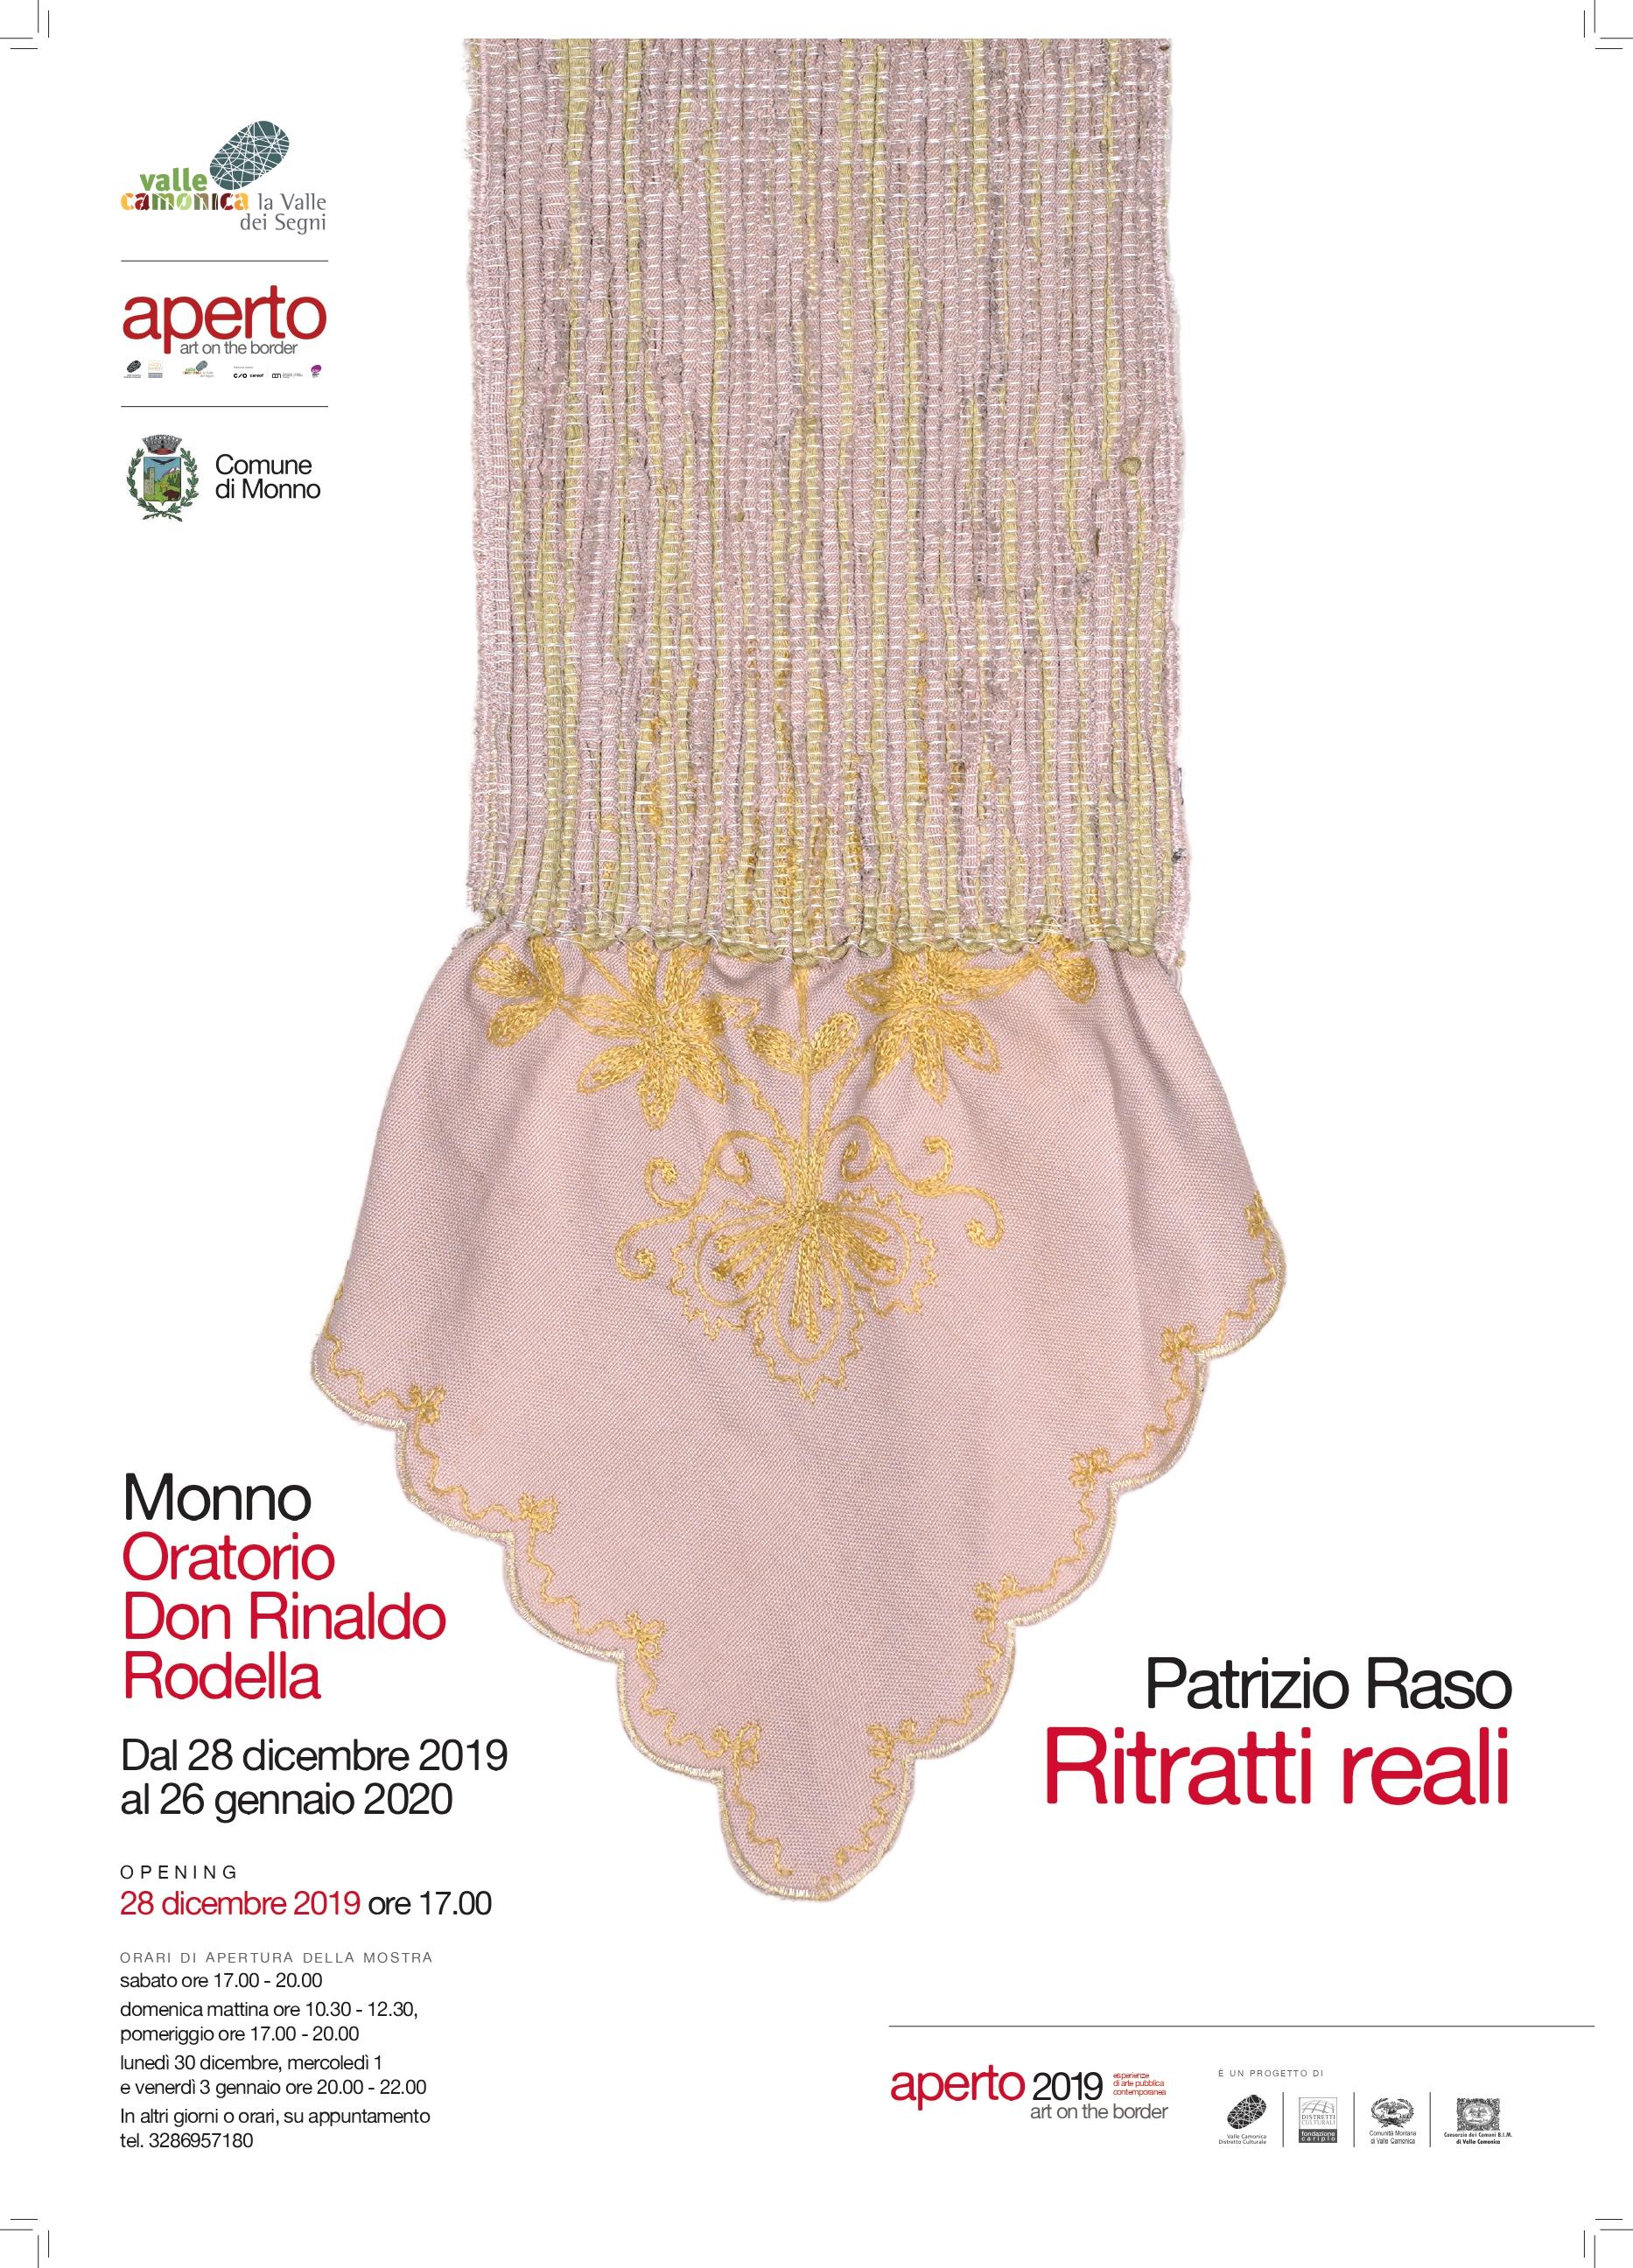 patrizio raso, 2019, ritratti reali, mondo, valcamonica, valle camonica, distretto culturale